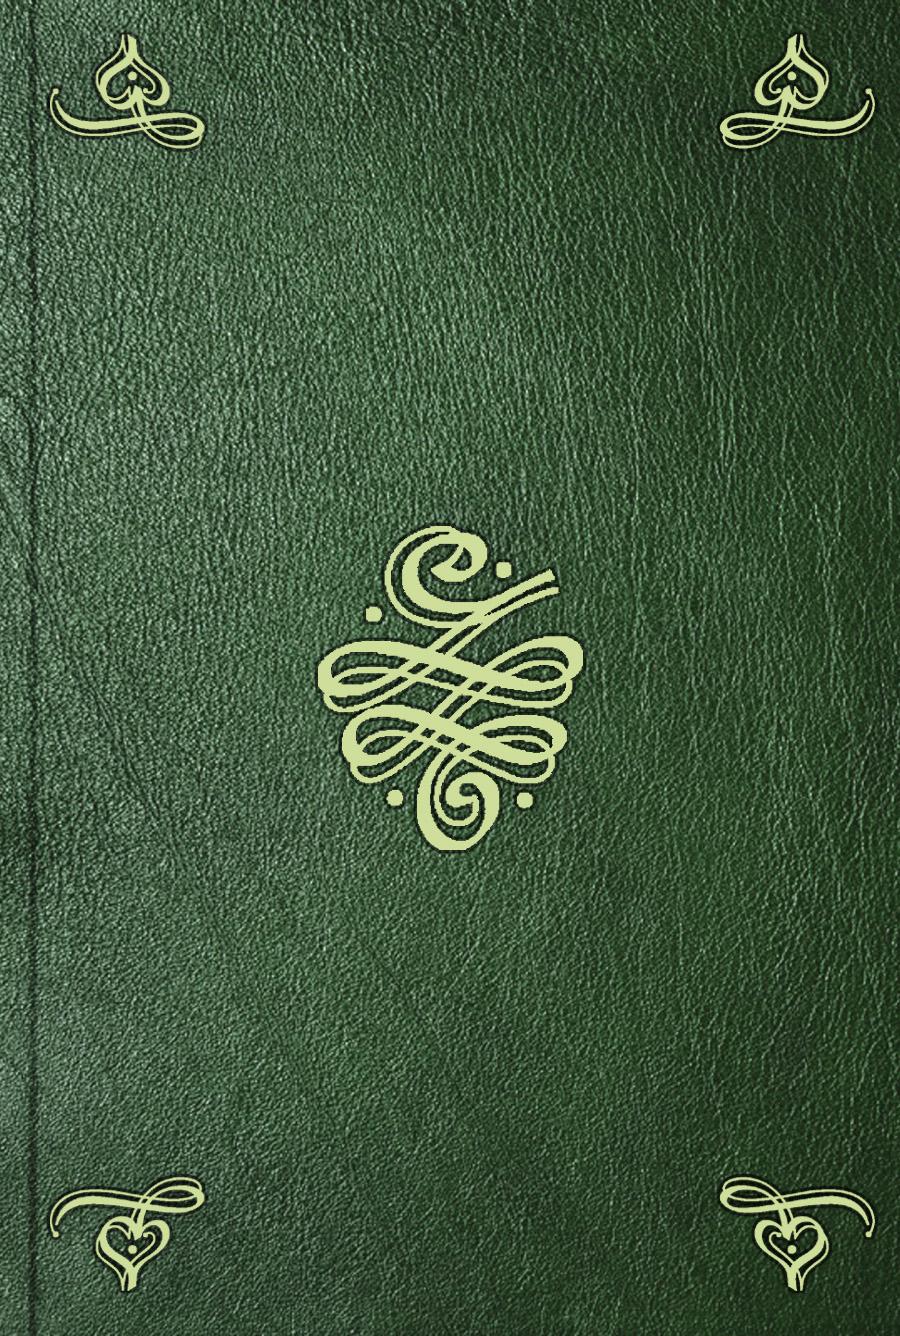 Johann Gottfried Herder Briefe zu Beförderung der Humanität. Sammlung 5 johann gottfried herder poesien